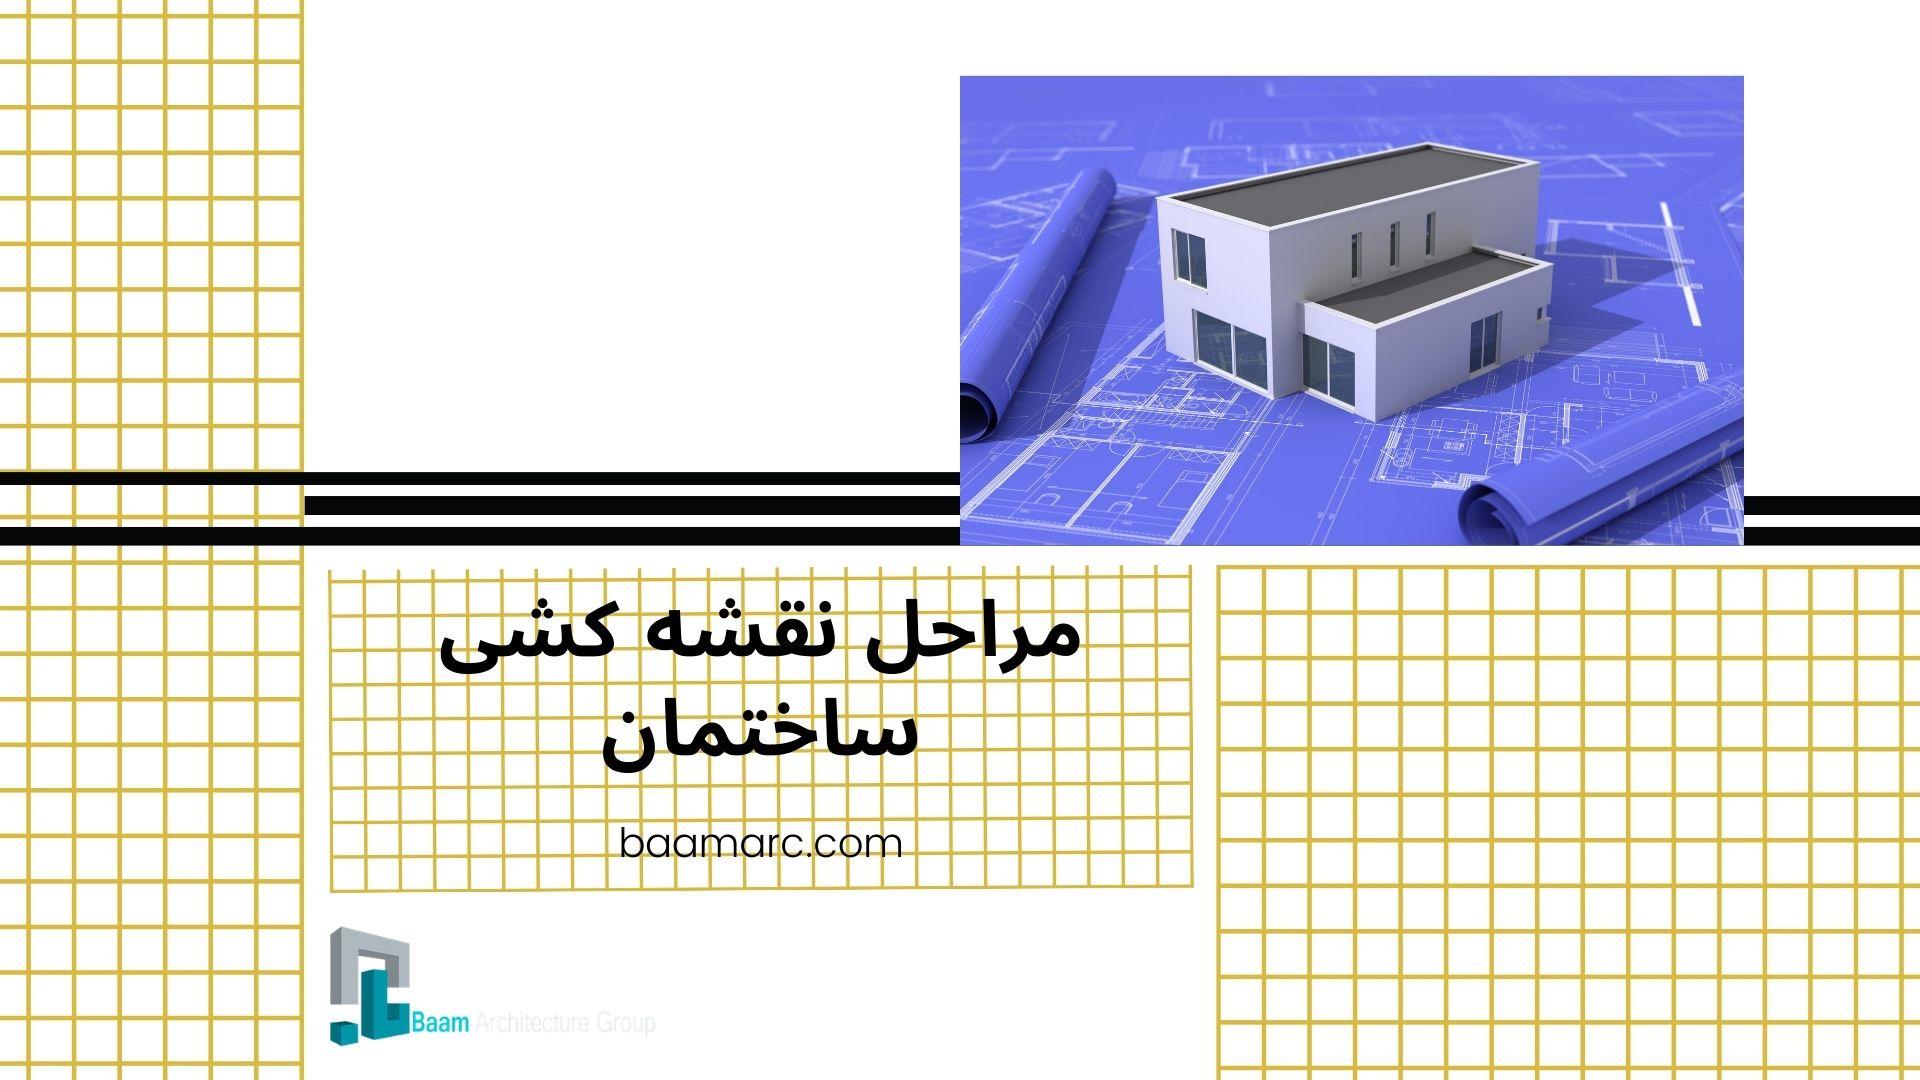 مراحل نقشه کشی ساختمان